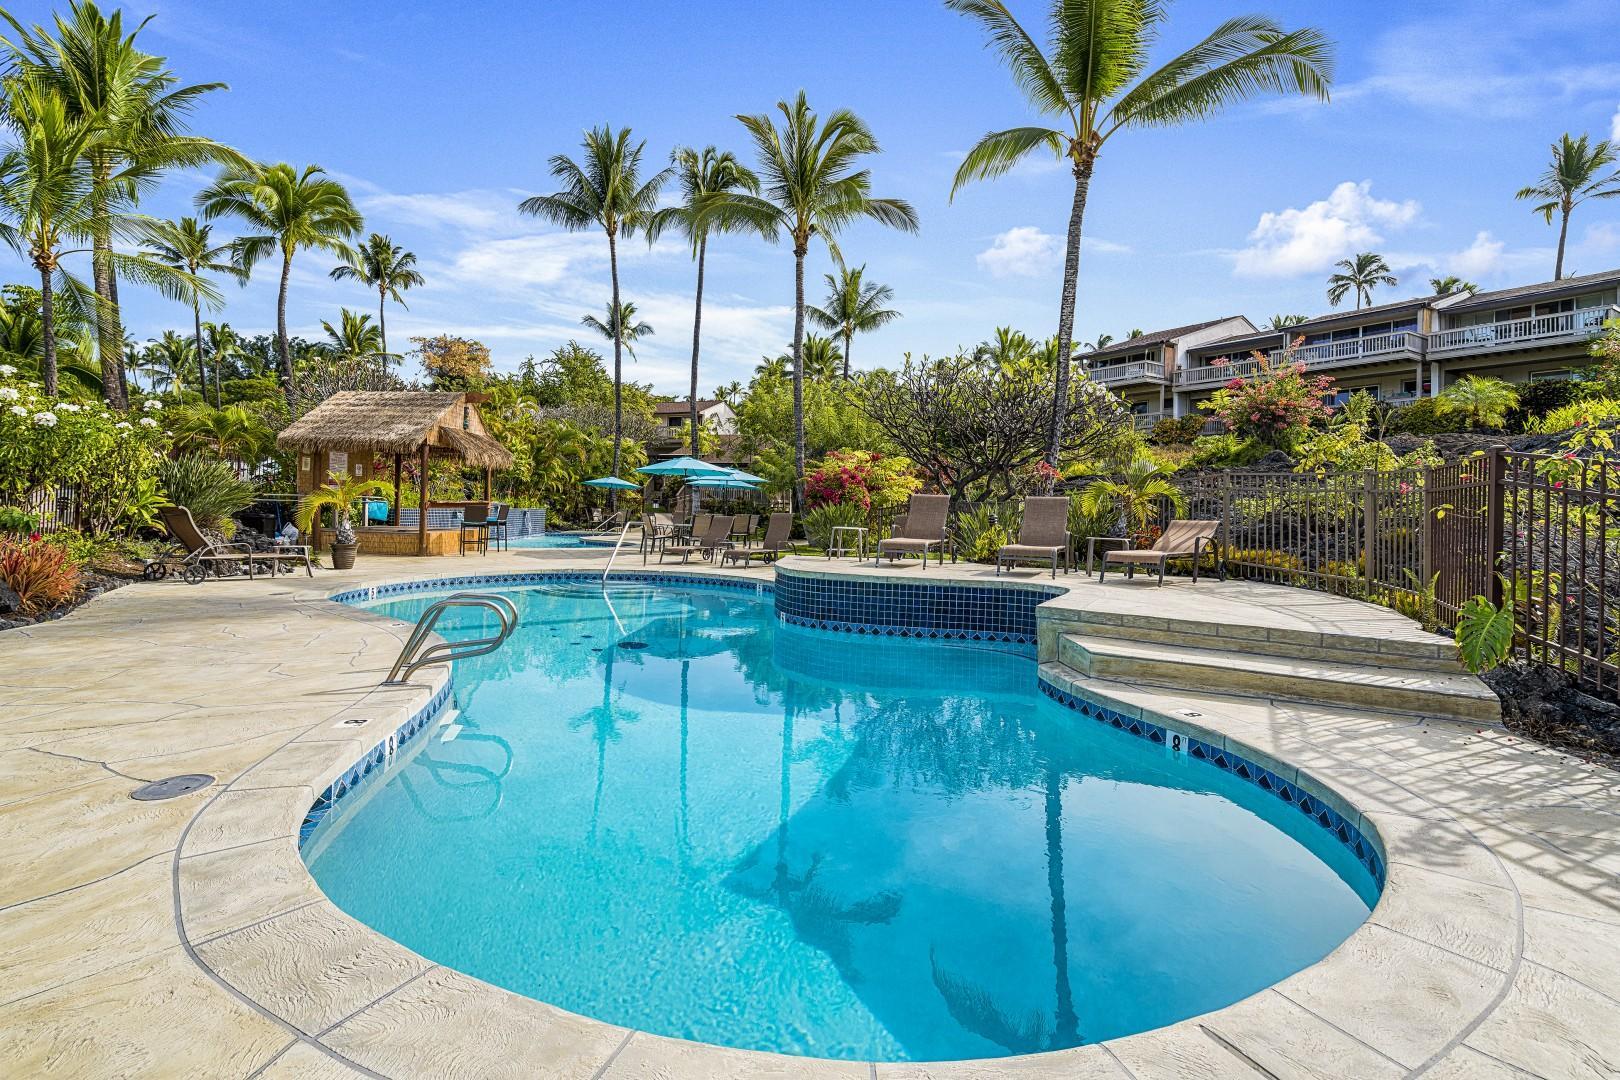 Beautiful pool area at Keauhou Resort